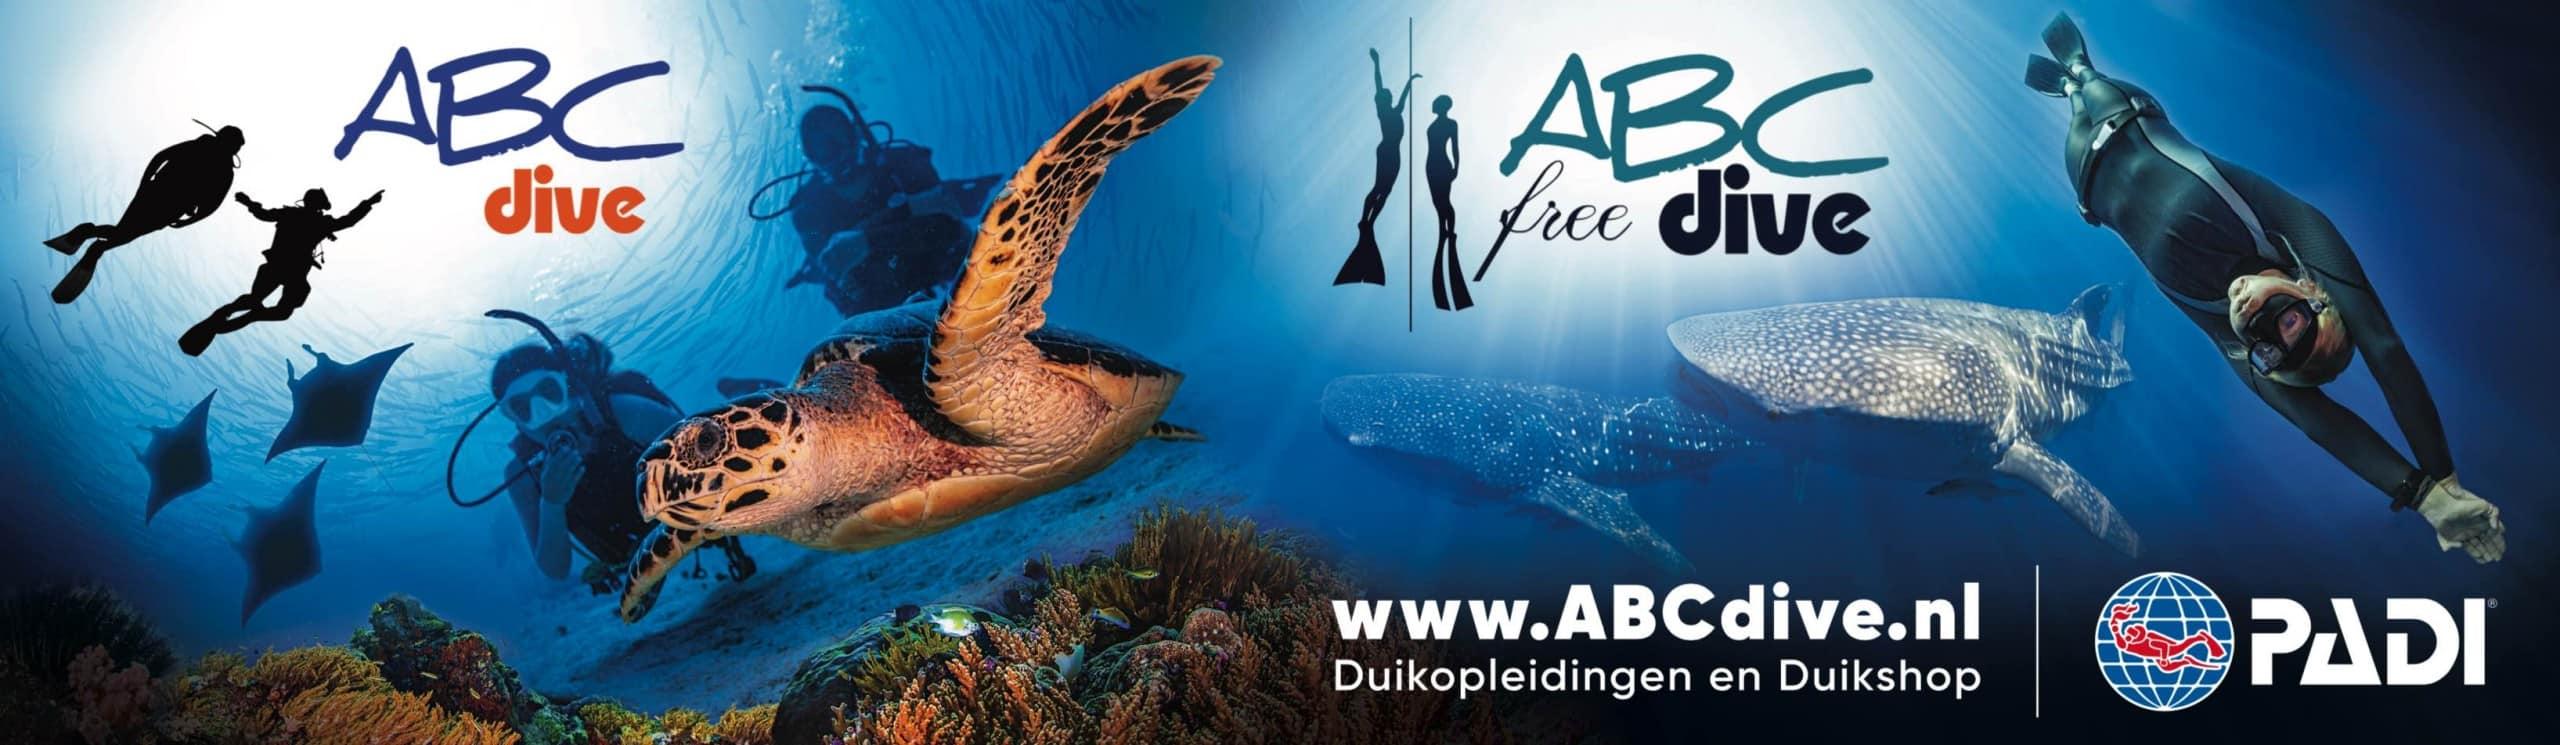 ABC Dive ABC free Dive banner